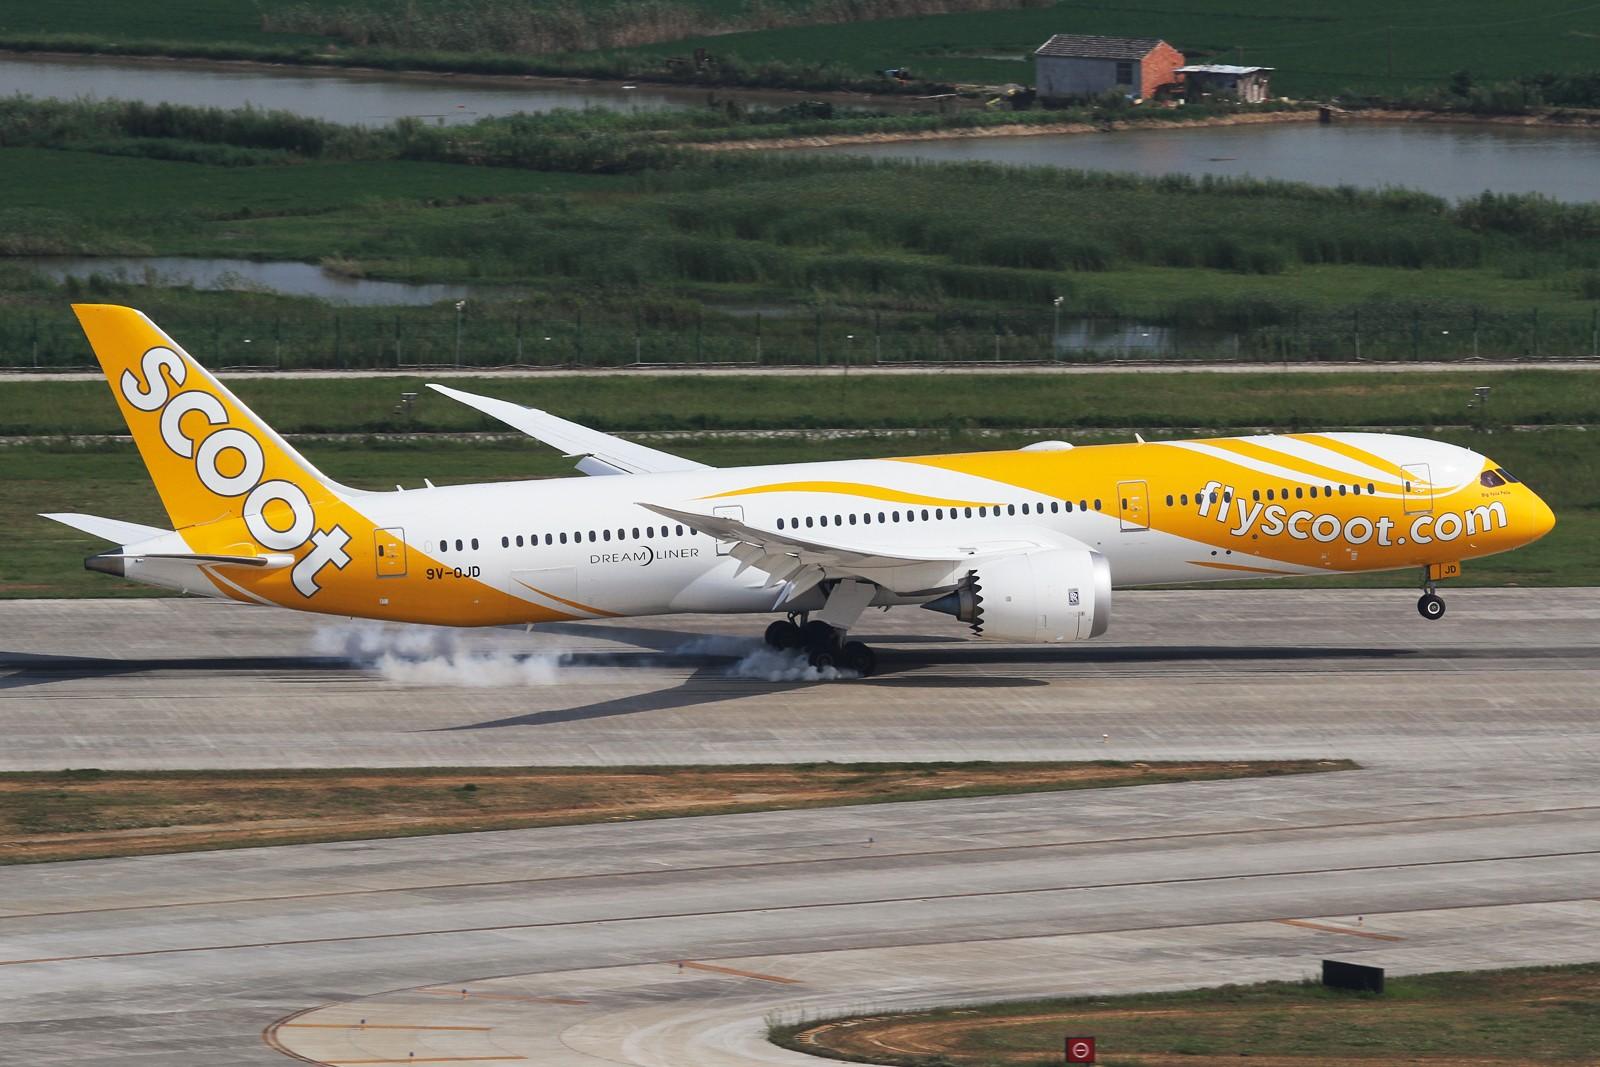 Re:【NKG】**********还是NKG,还是酷航,不过换了个角度********** BOEING 787-9 9V-OJD 中国南京禄口国际机场